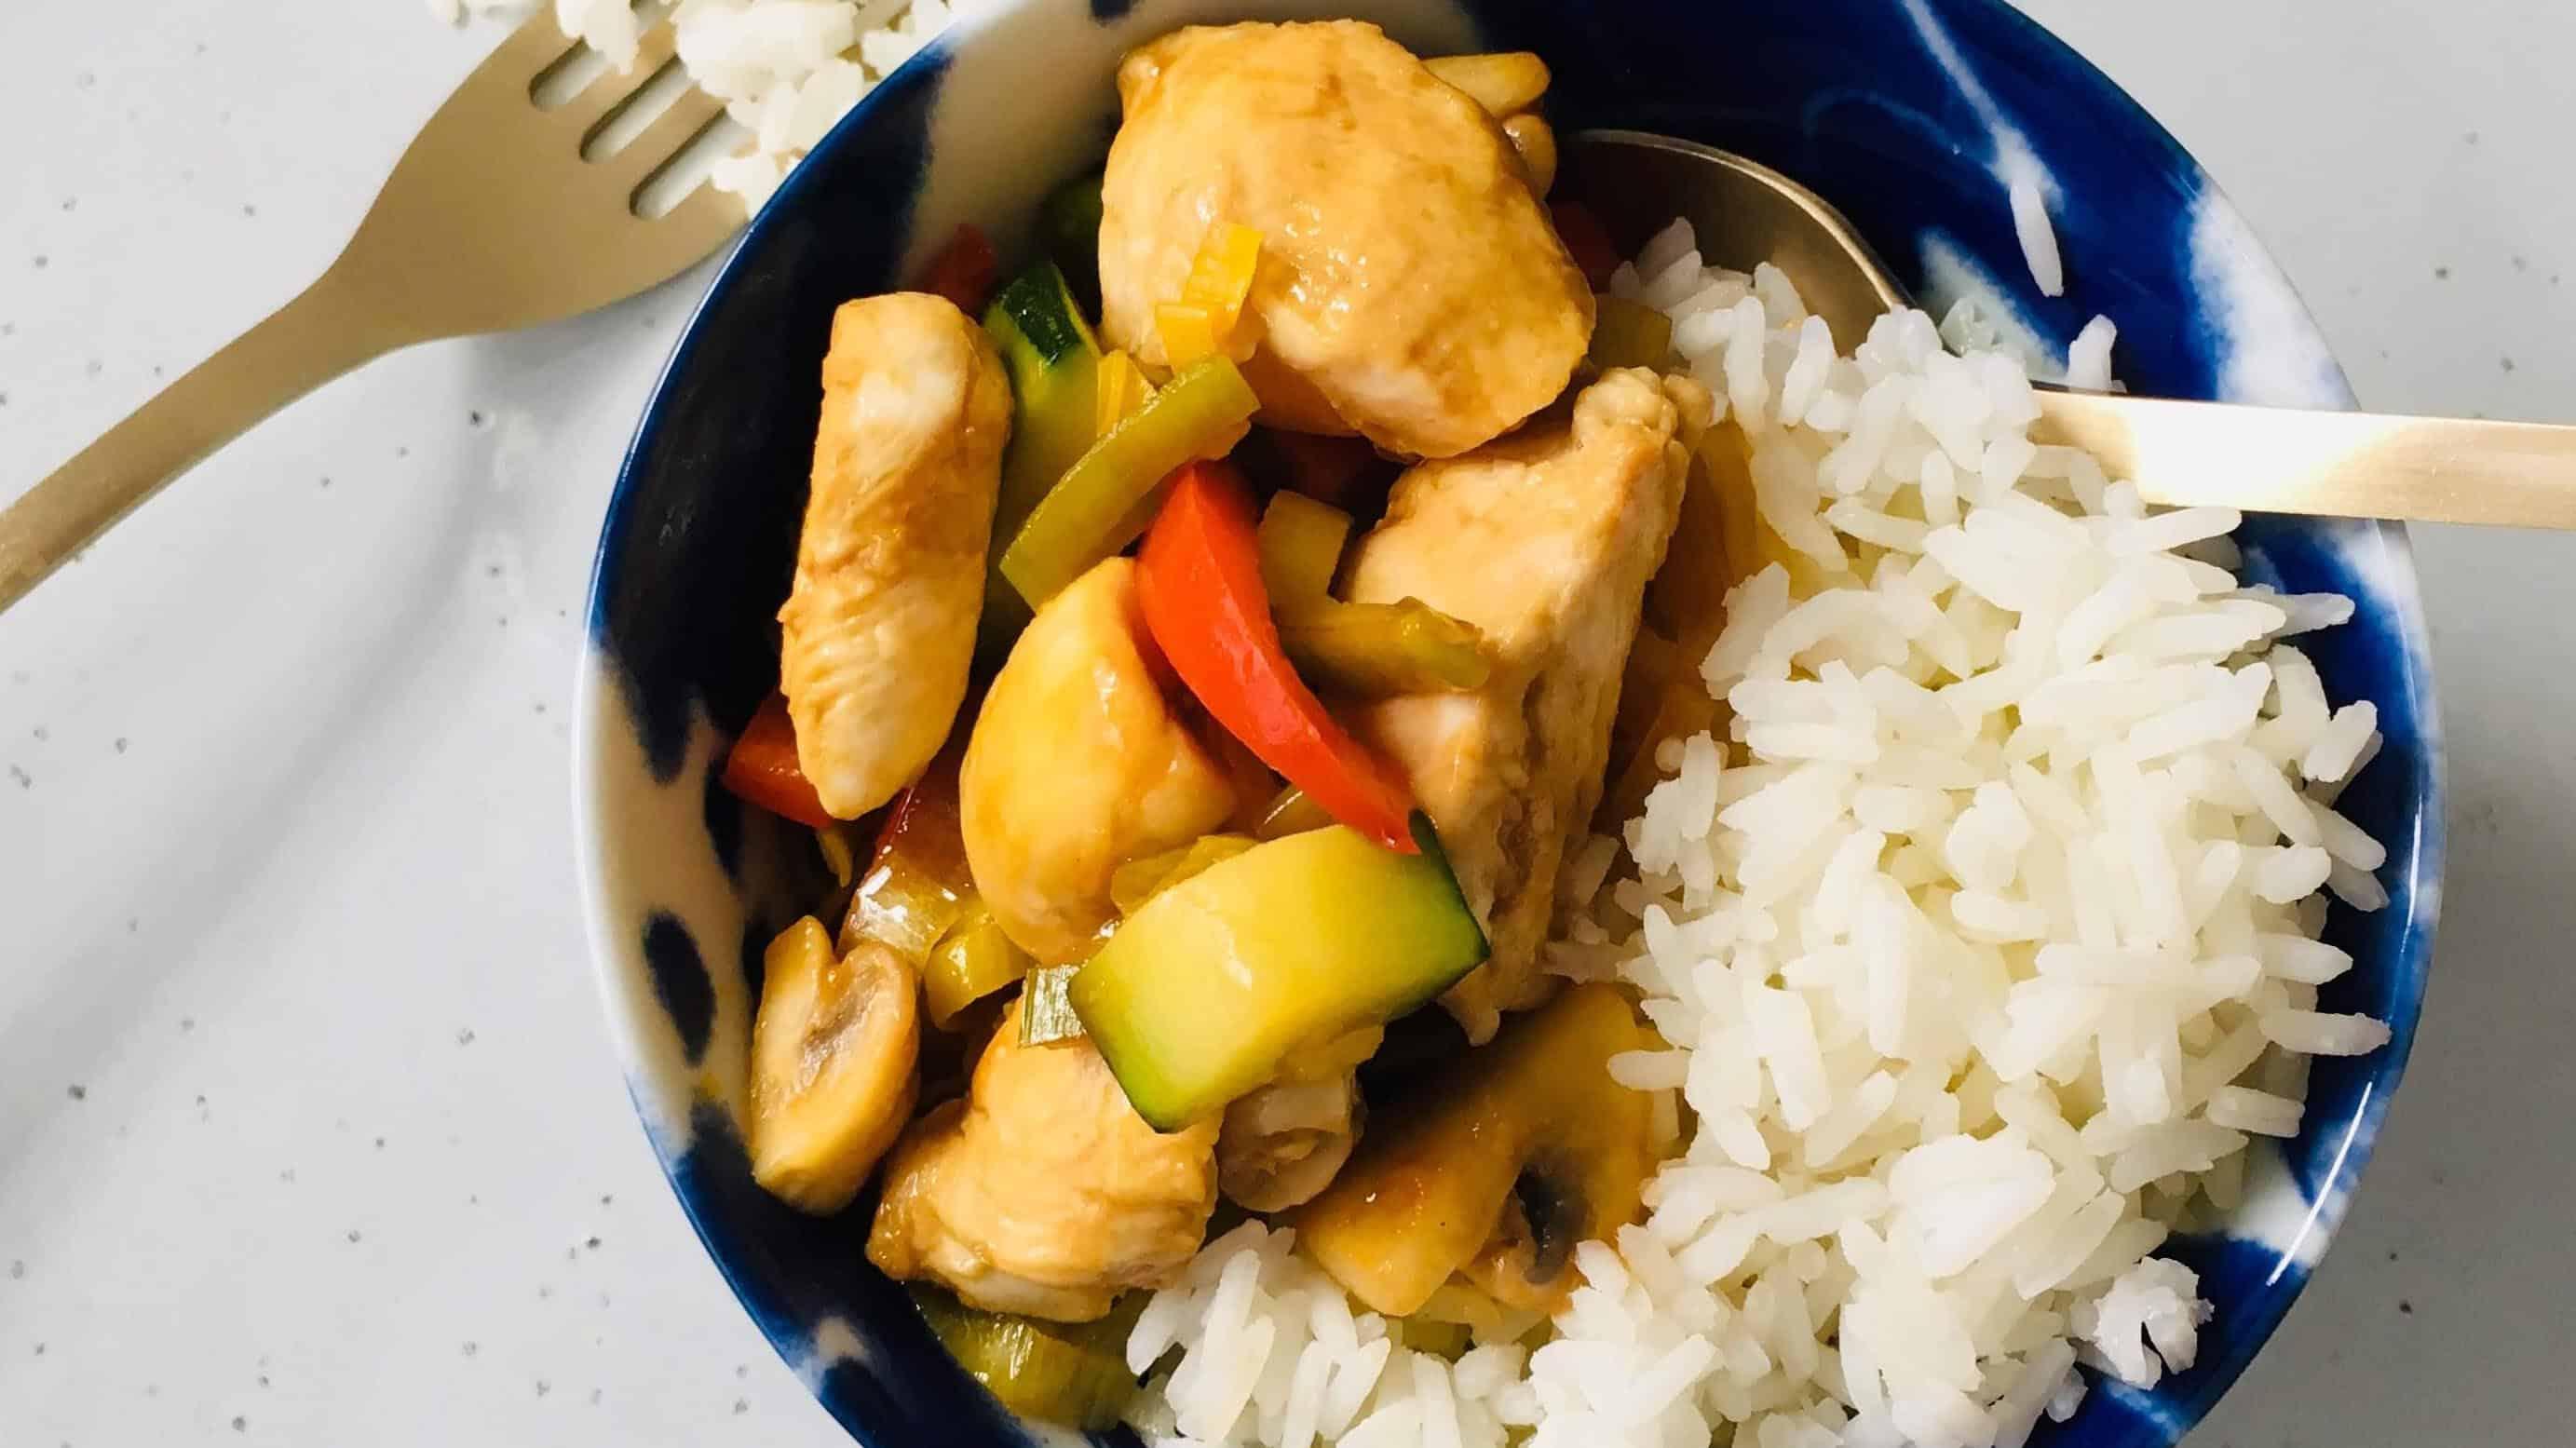 Wokgerecht met kip en groente